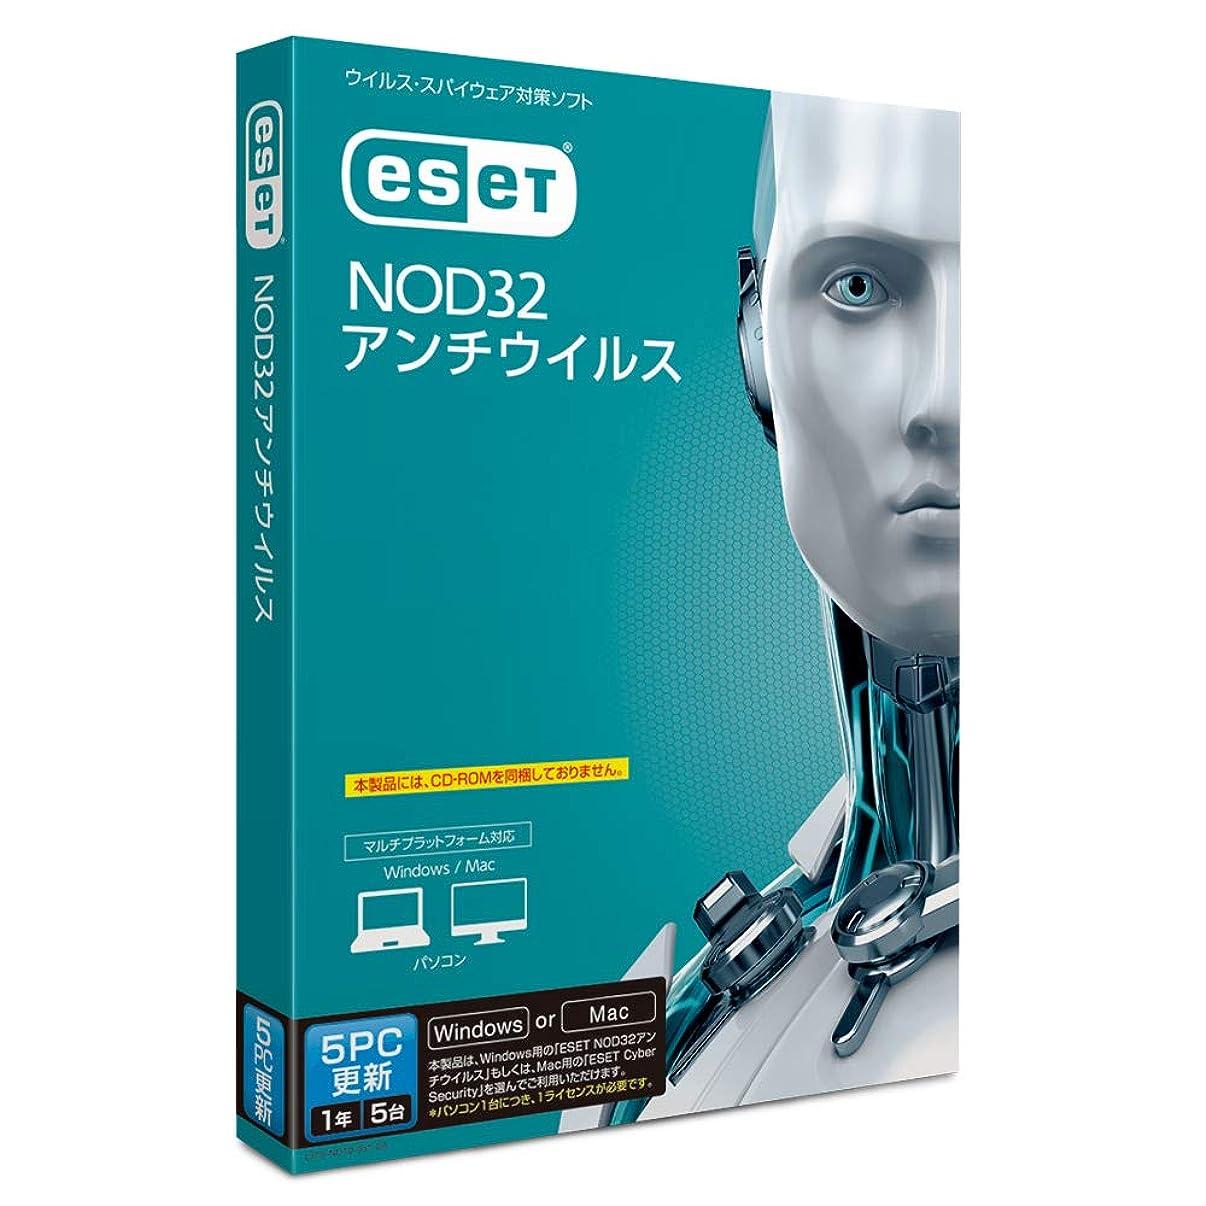 ゼロ映画王女ESET NOD32 アンチウイルス(最新) 更新専用 5台1年 Win/Mac対応